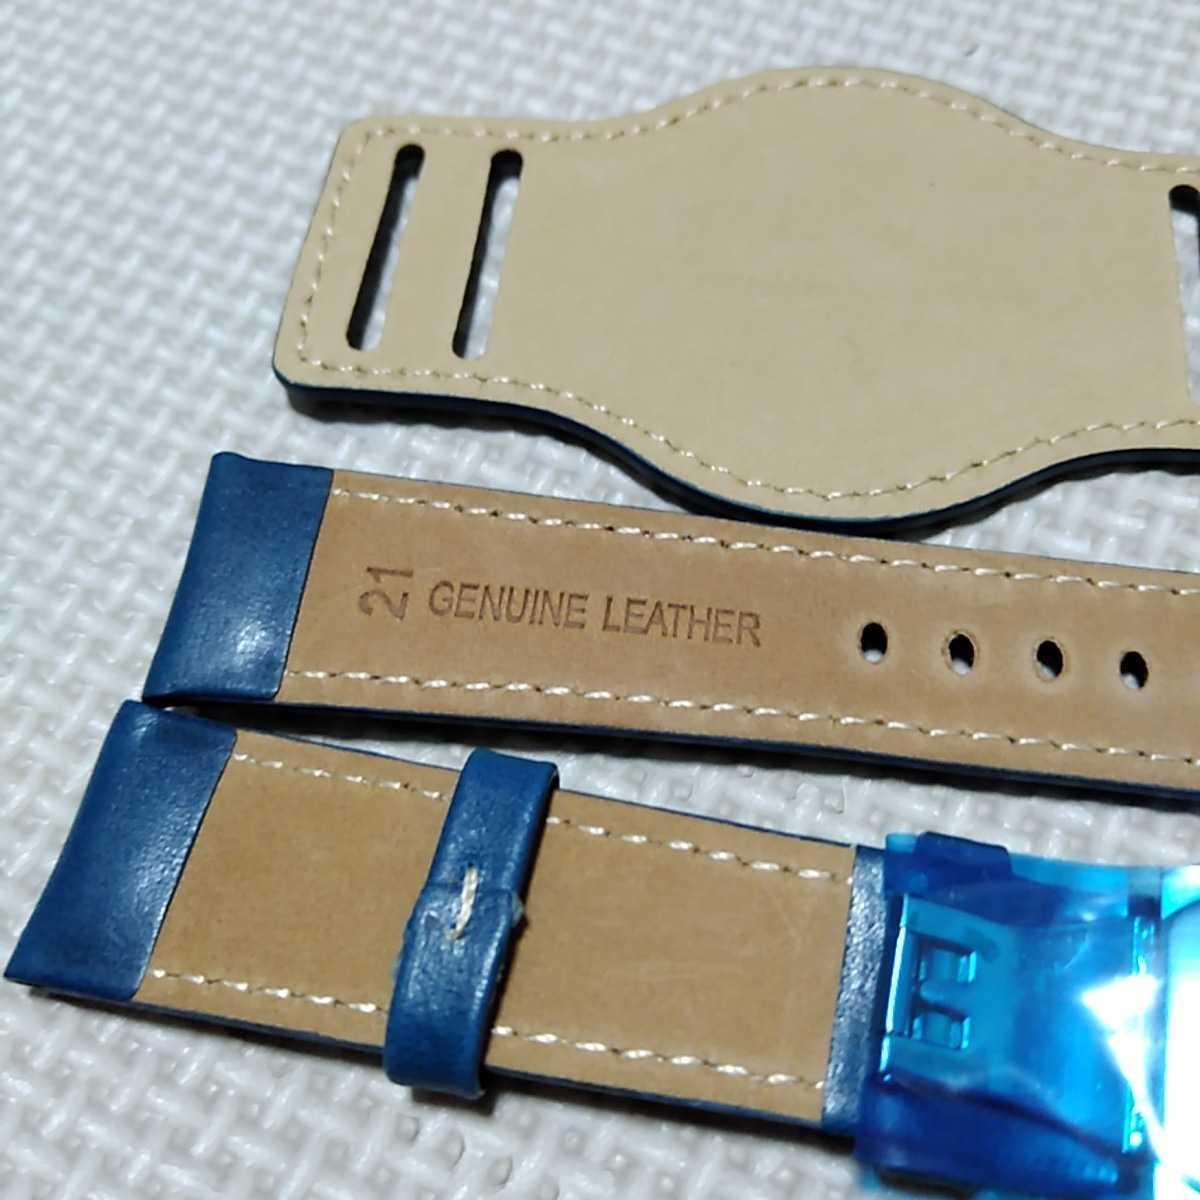 No70 ブンド BUND 本革レザーベルト 腕時計ベルト 交換用ストラップ ブルー 21mm 未使用 Dバックル 高品質 ドイツパイロット 空軍_画像5